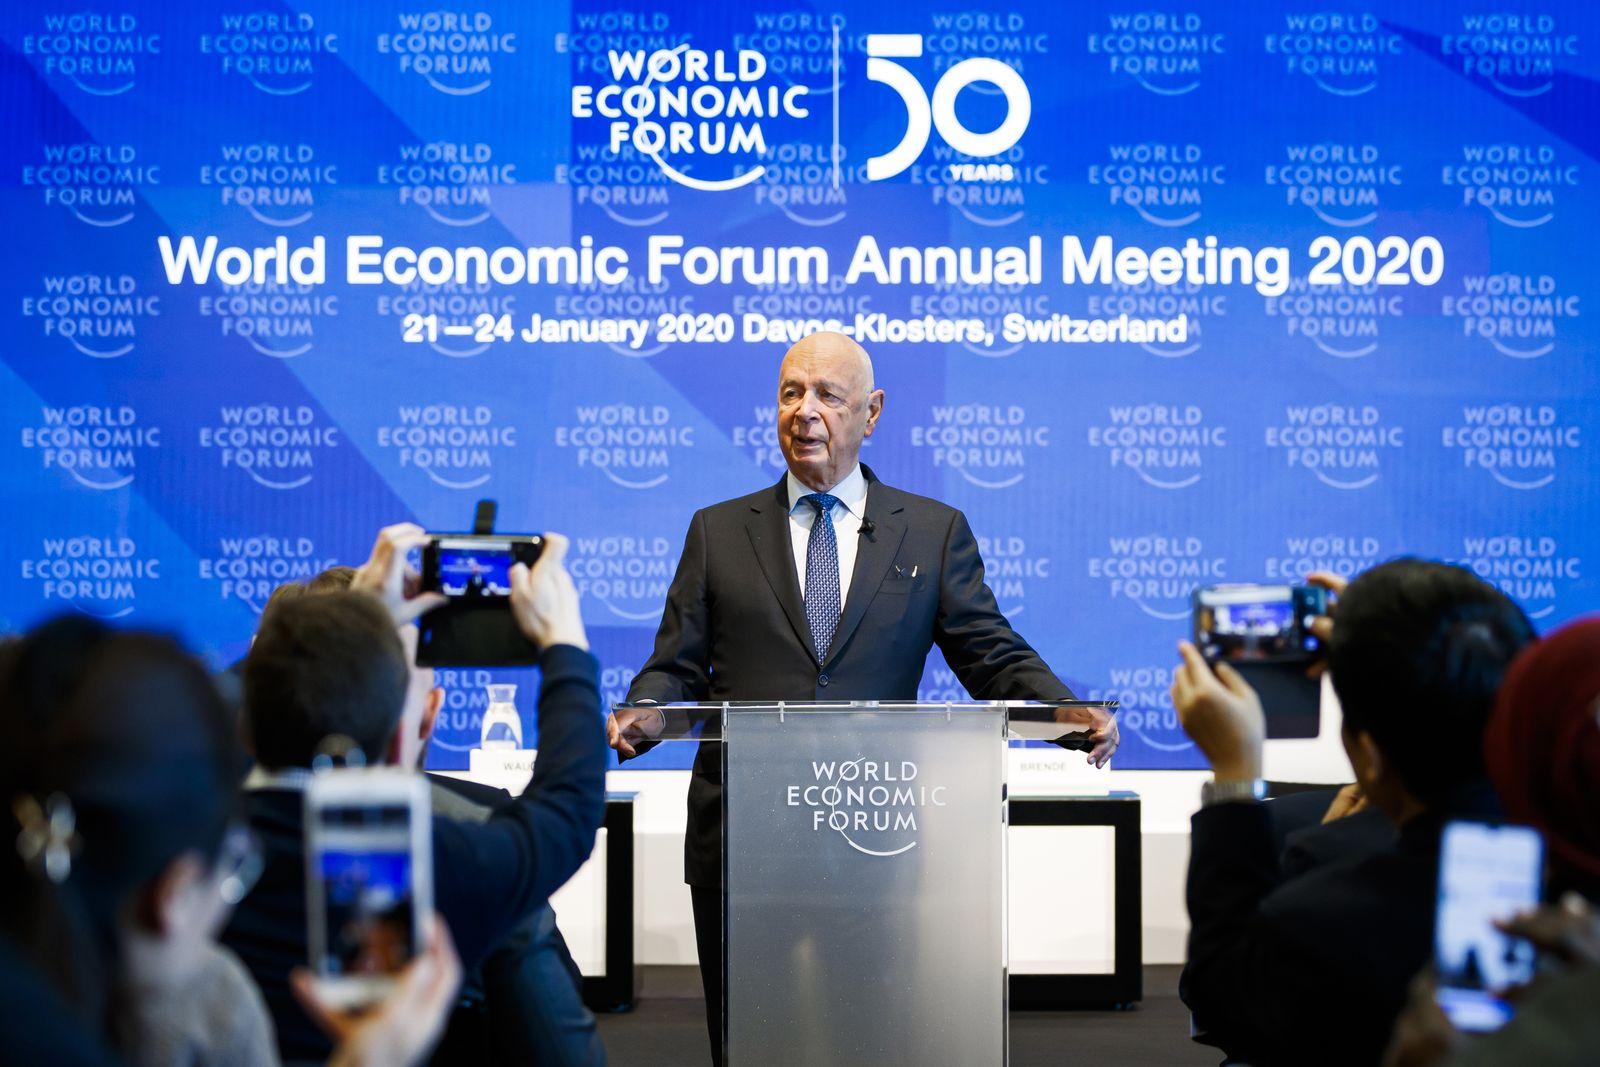 Pressekonferenz vor dem Weltwirtschaftsforum in Davos